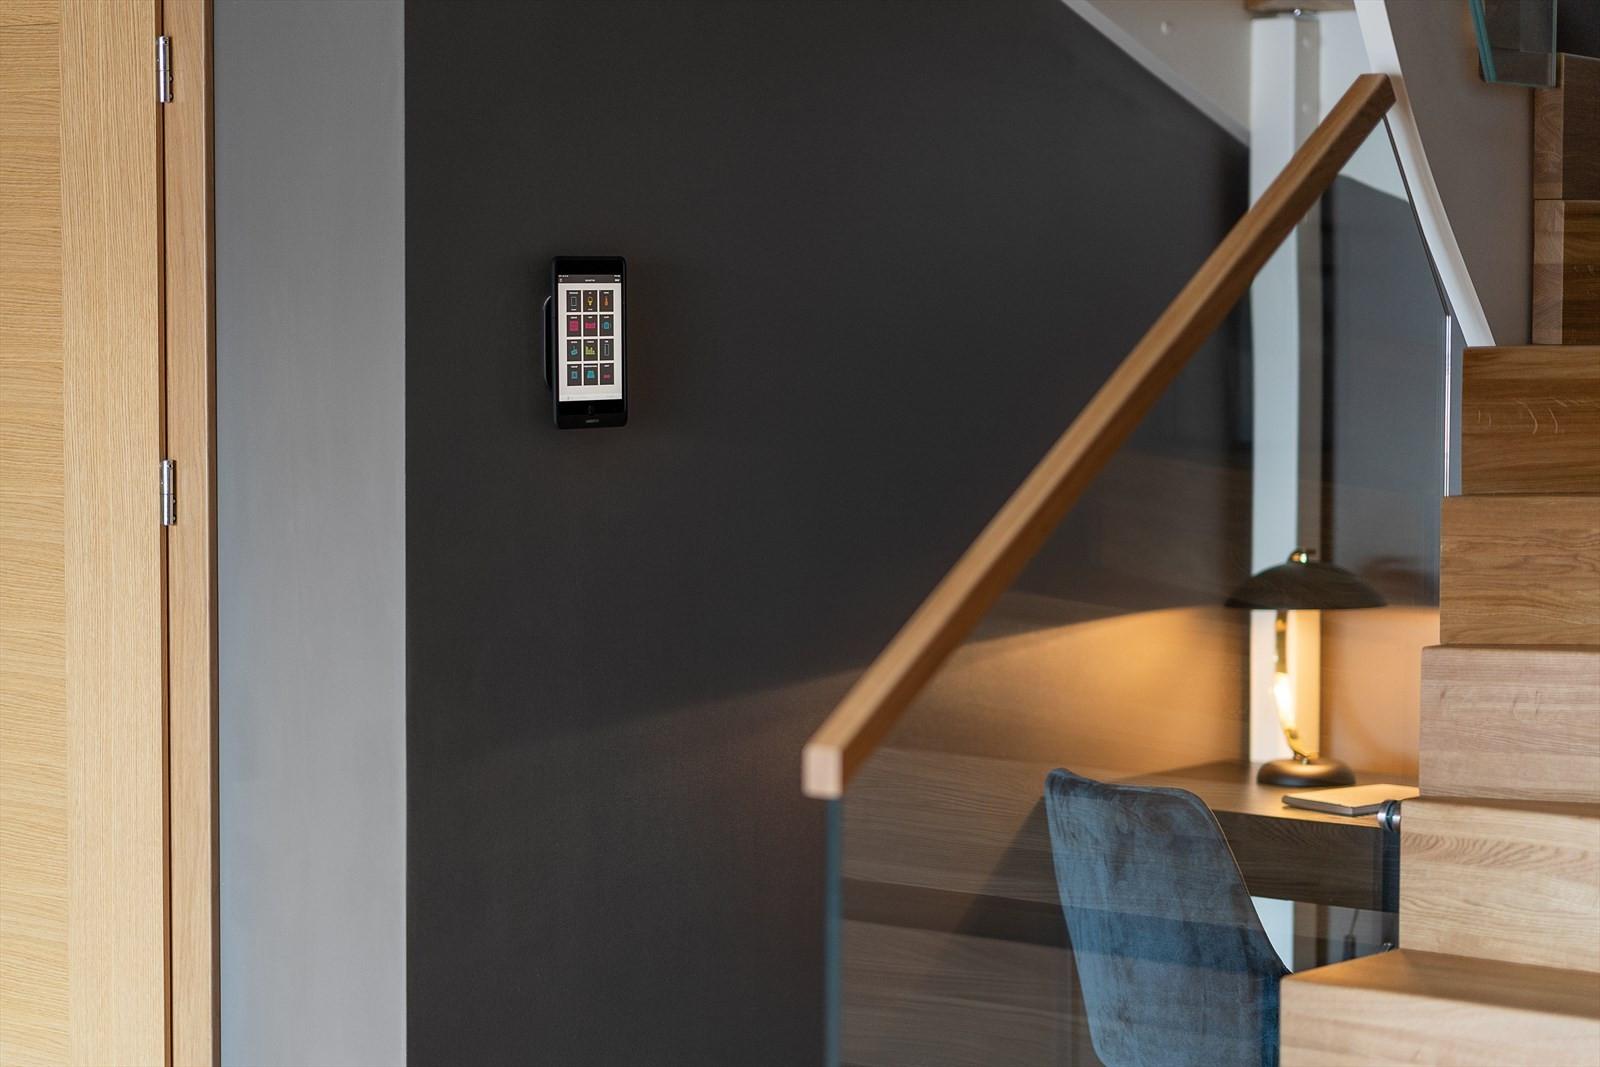 Smarthusløsning gjør at alt kan styres via mobil og med IPad plassert på vegg